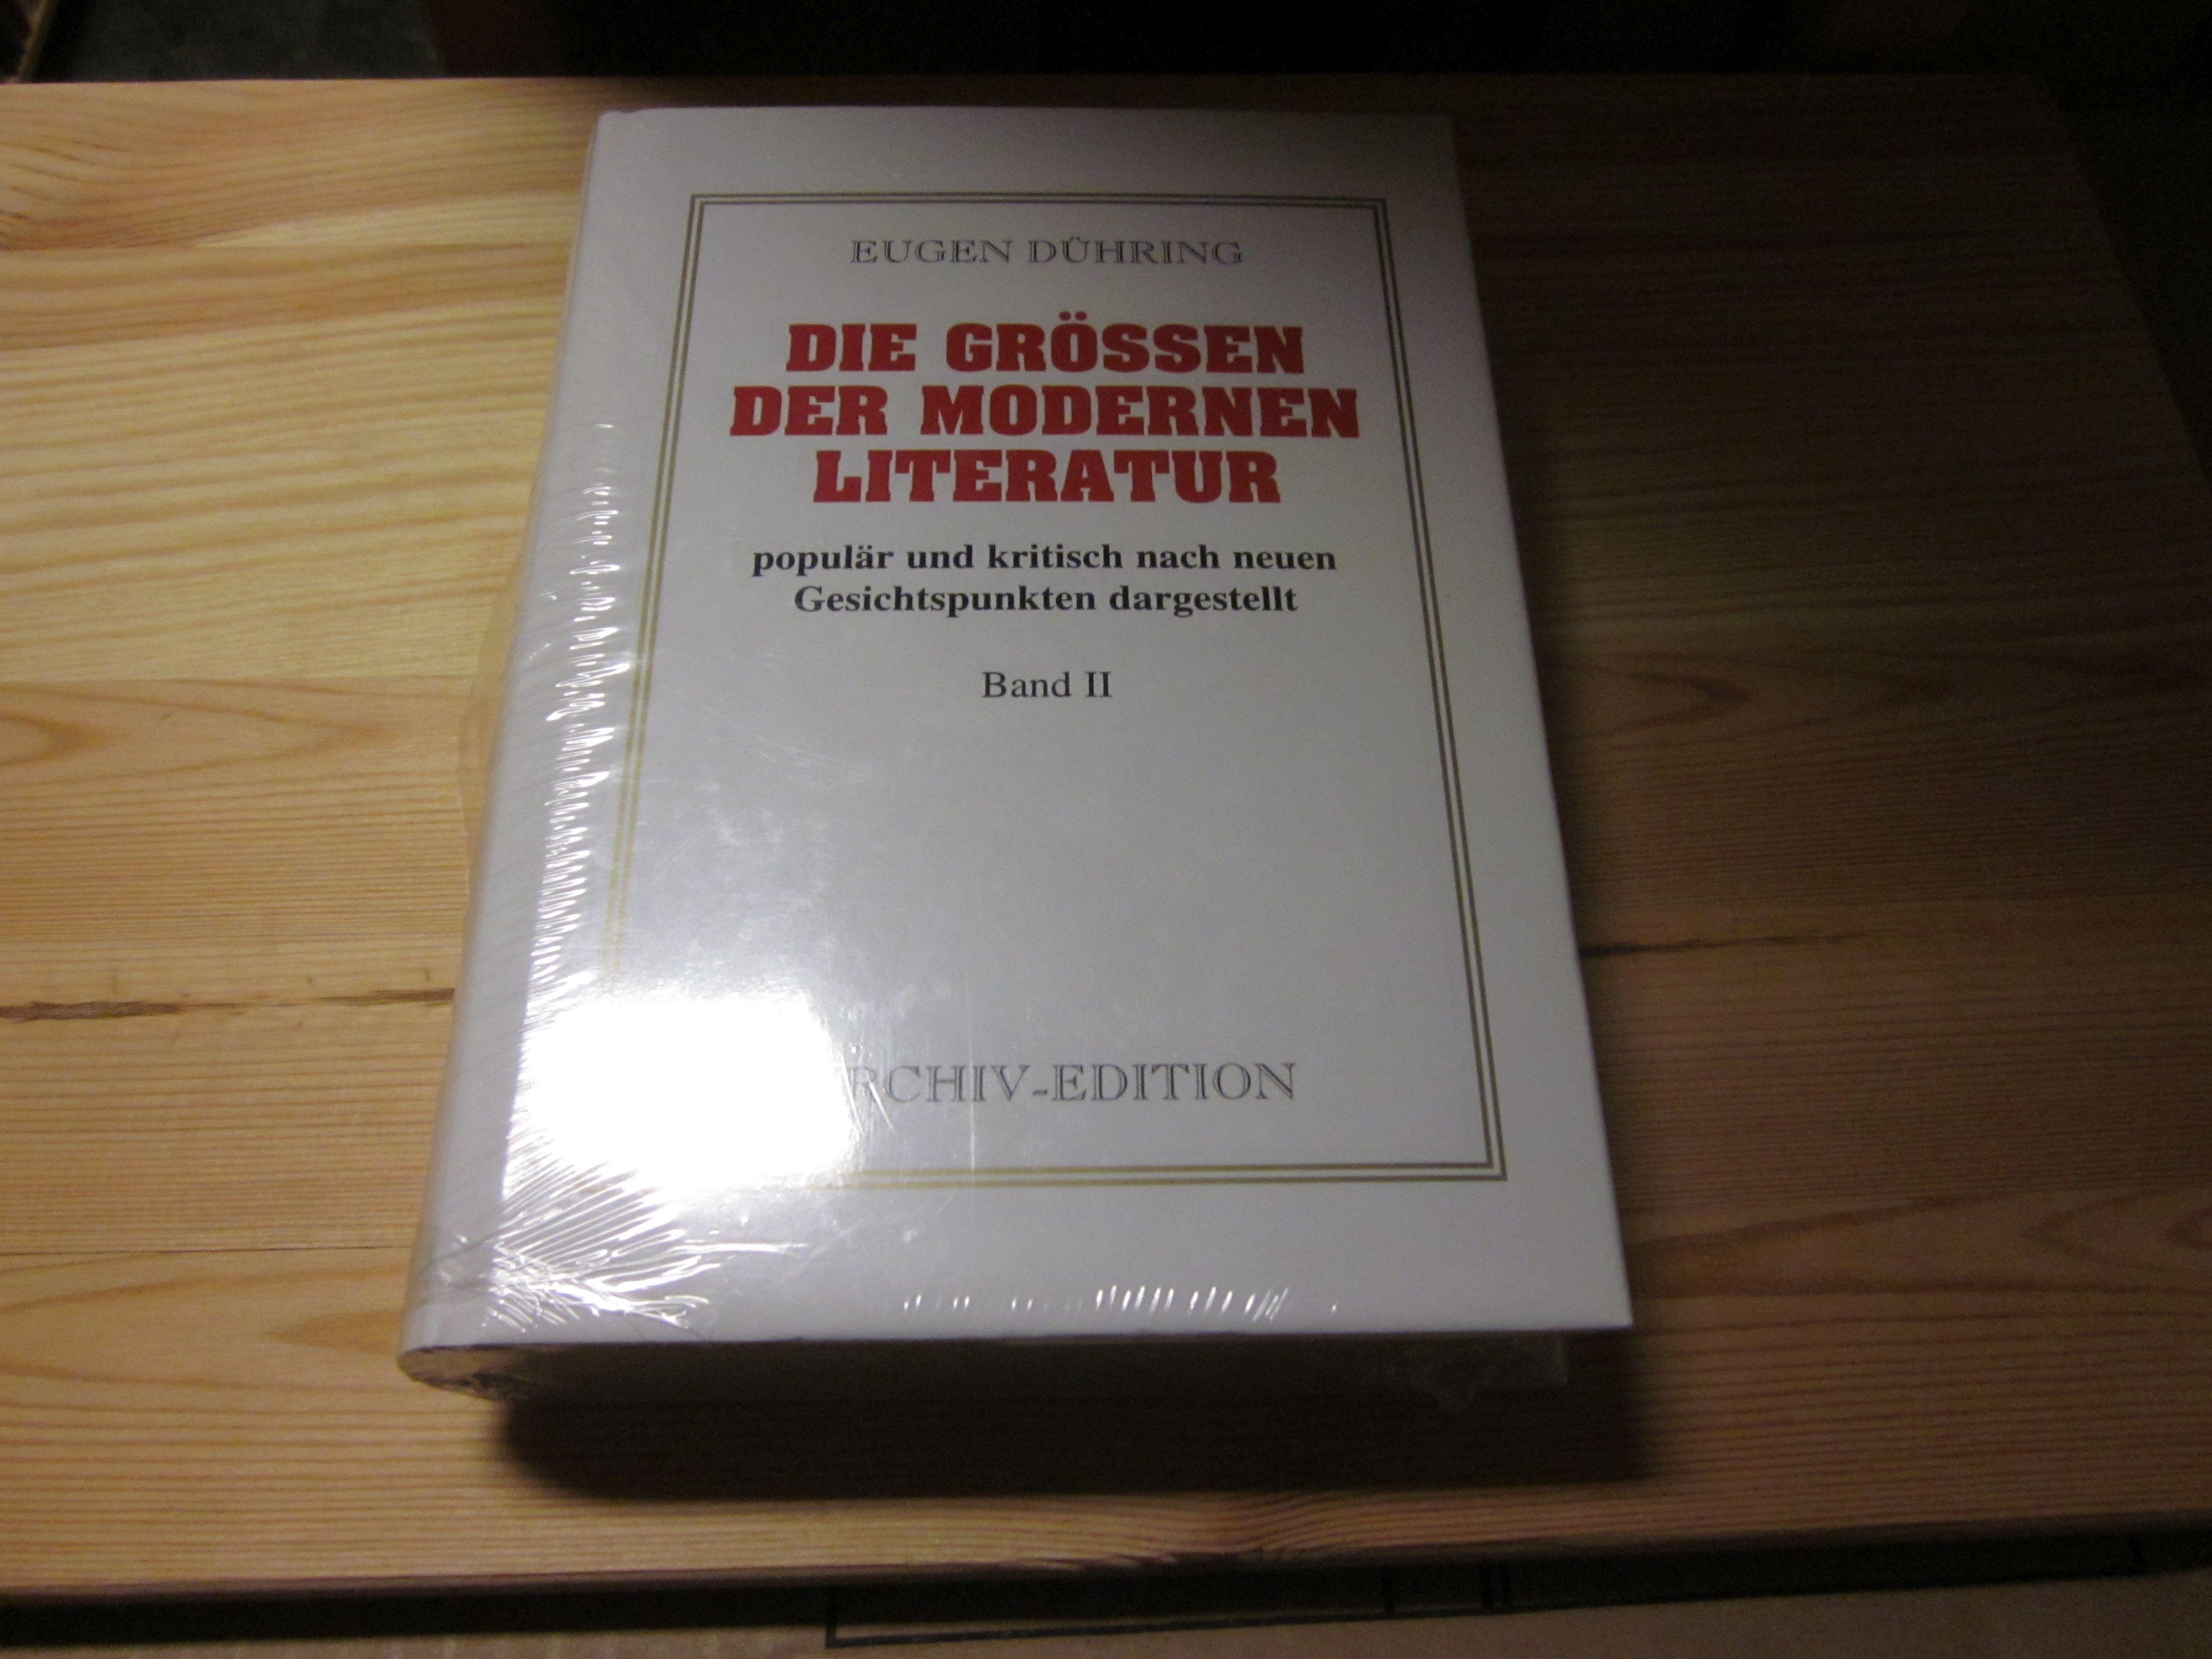 Die grössen der modernen Literatur populär und: Dühring, Eugen: